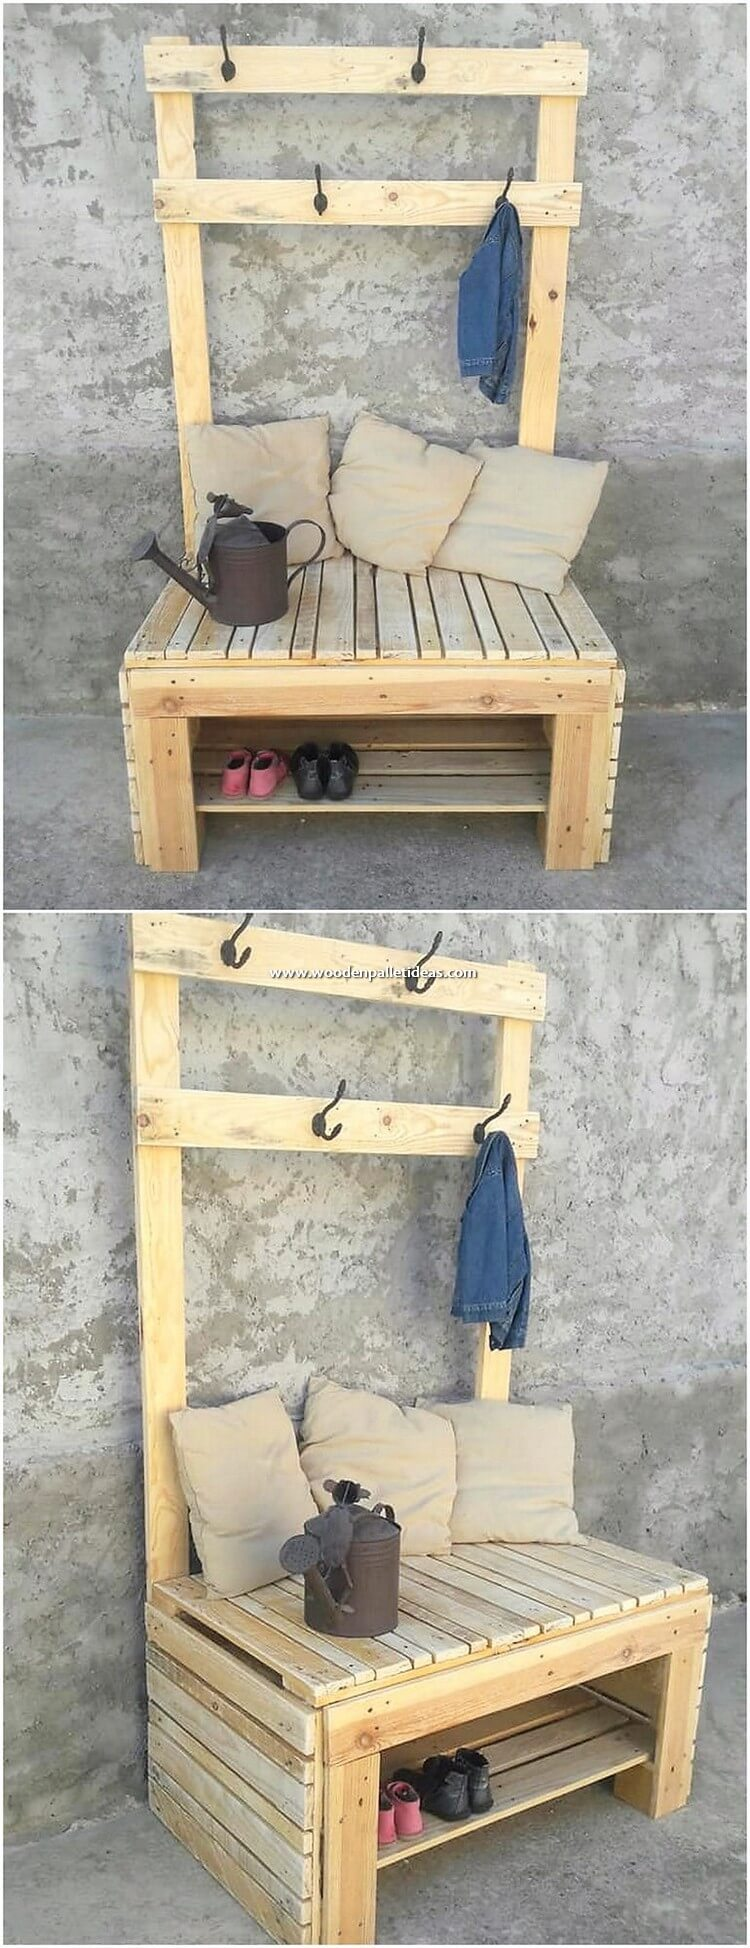 Pallet Coat Rack with Shoe Rack